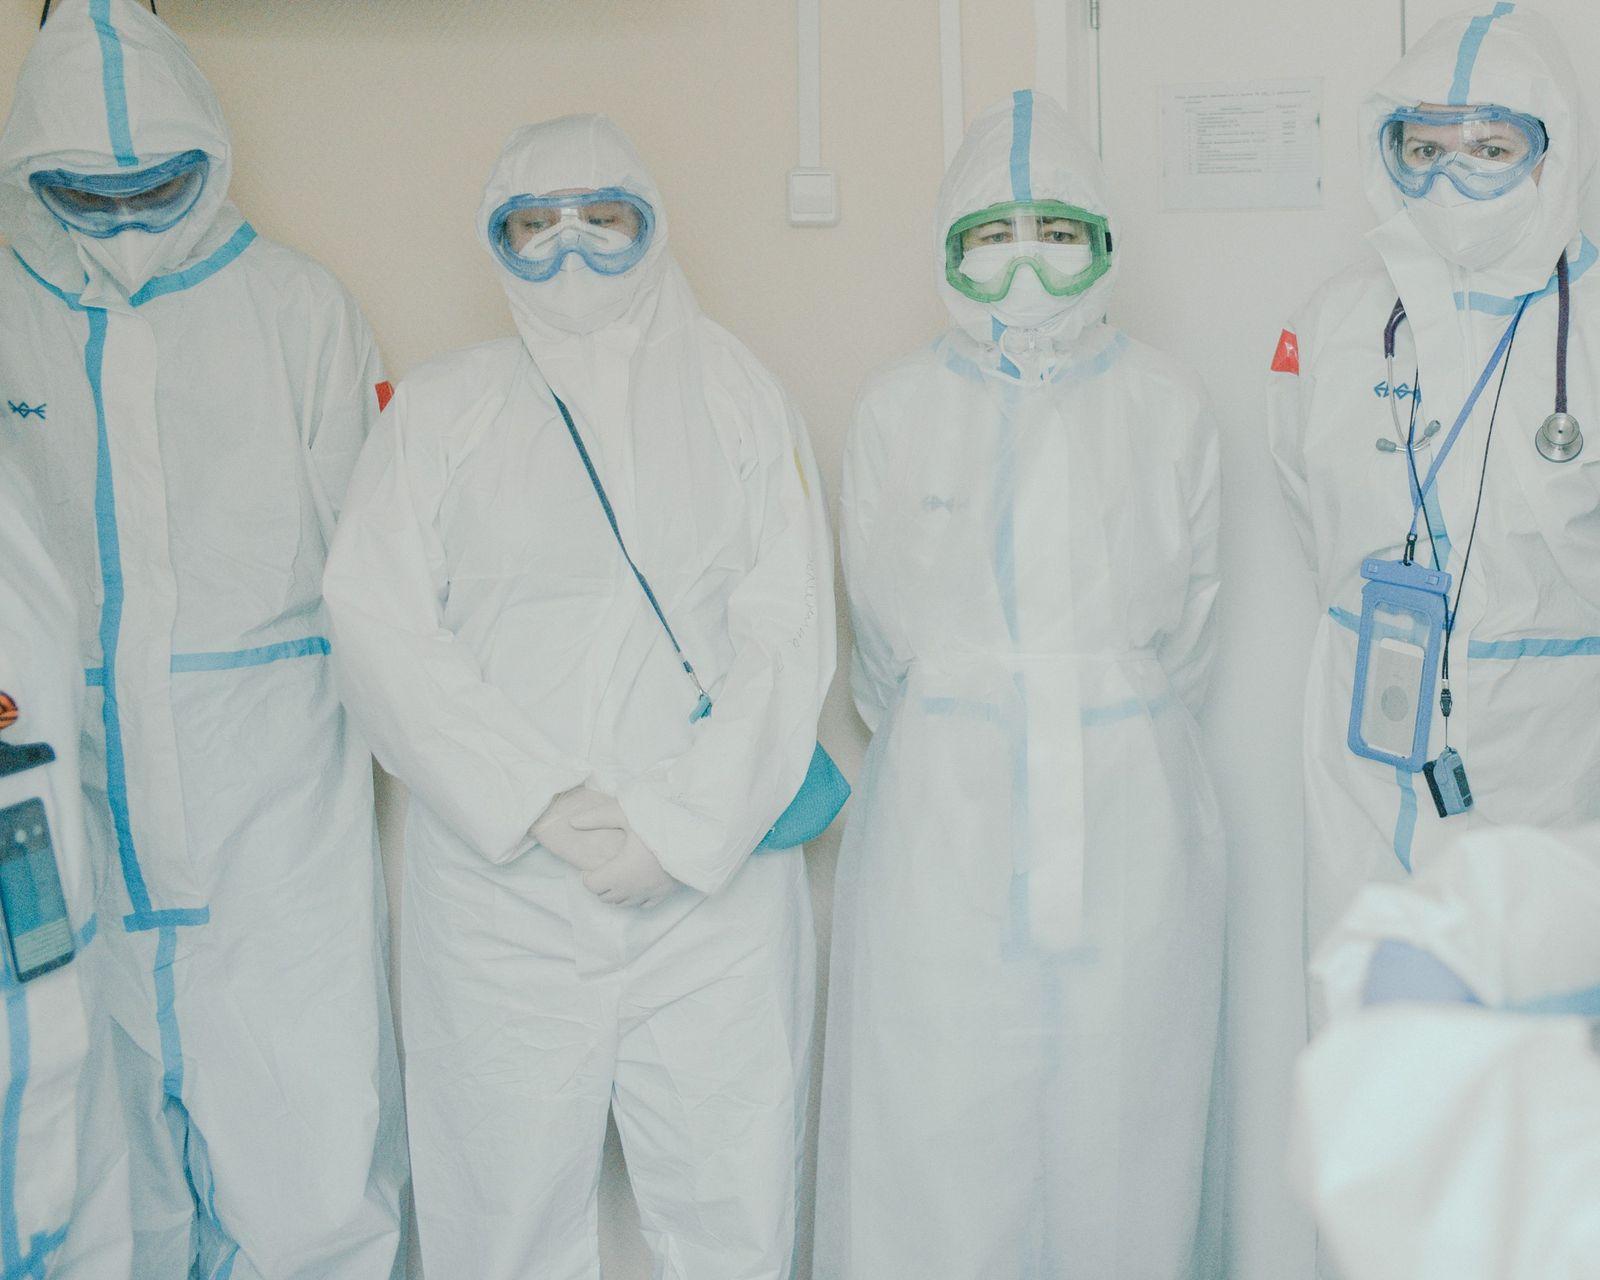 Fotografía de trabajadores sanitarios